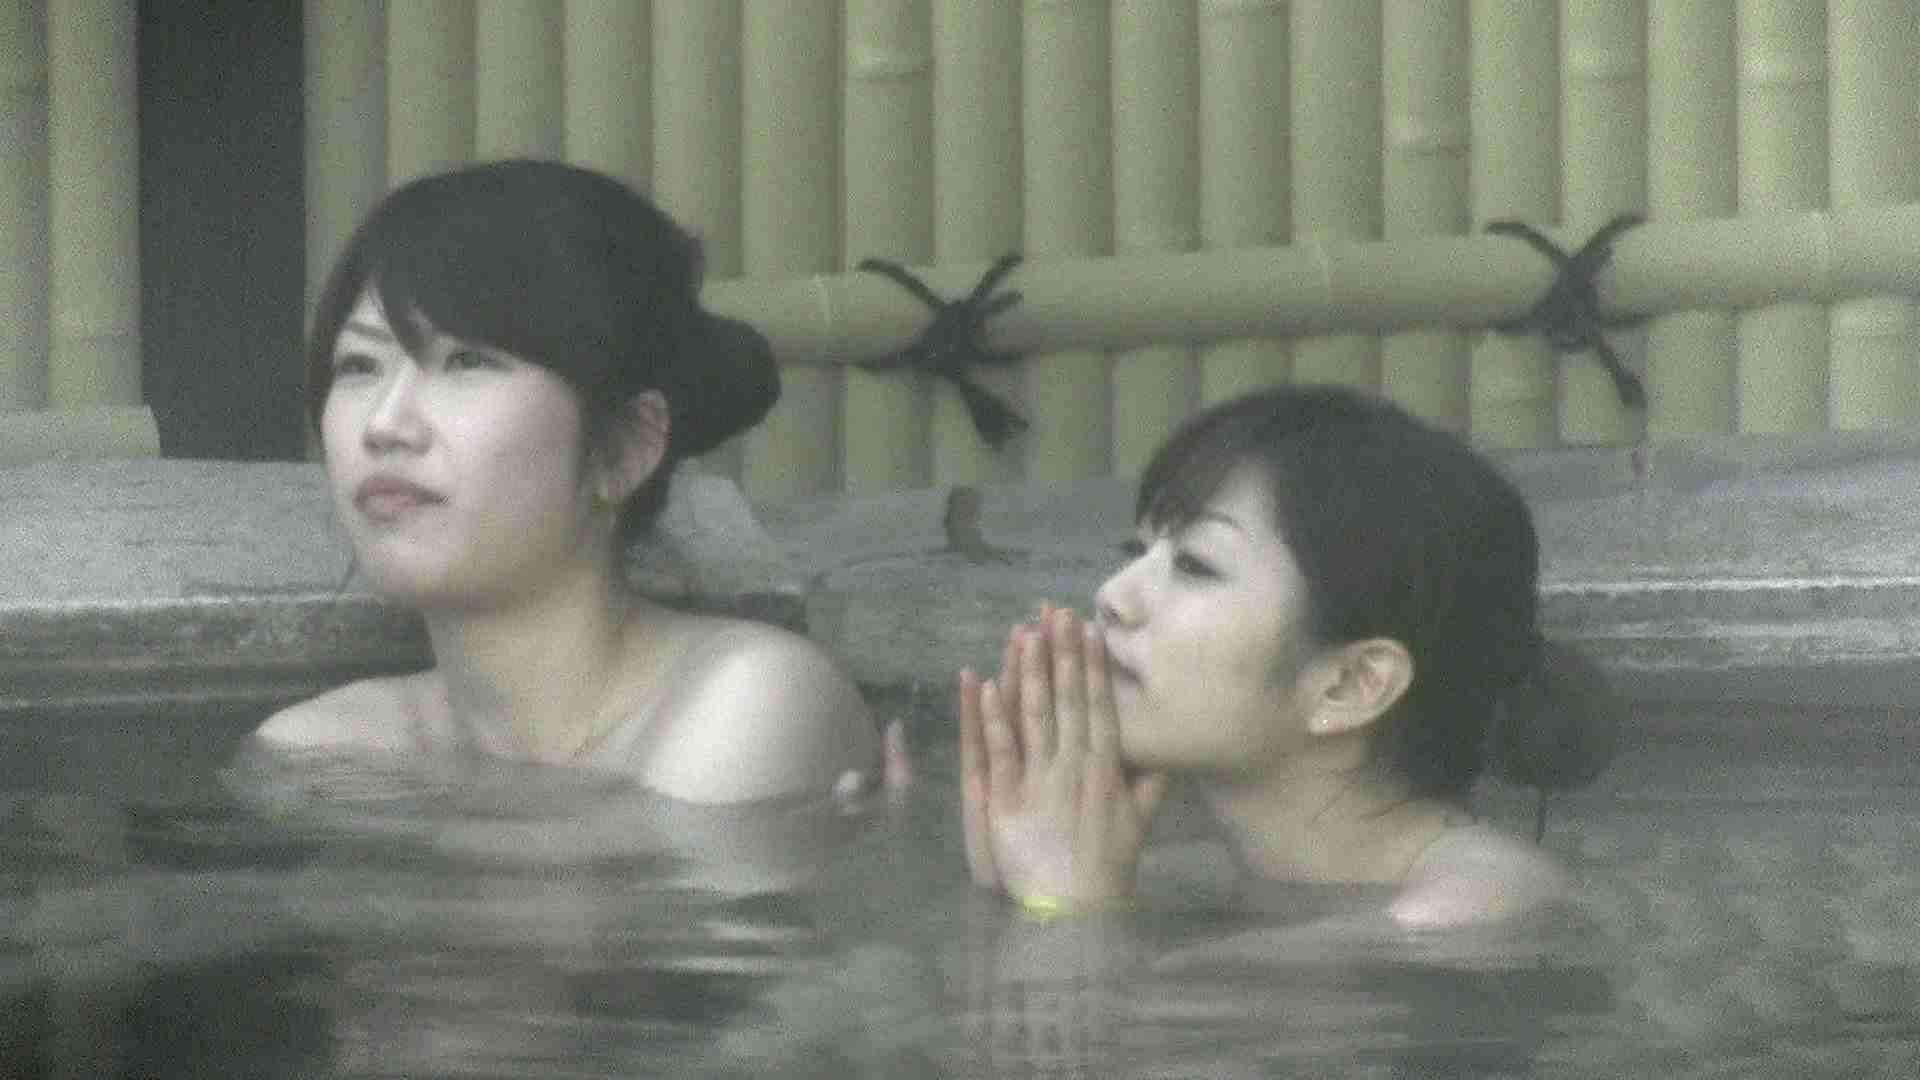 Aquaな露天風呂Vol.206 露天風呂 われめAV動画紹介 87連発 23